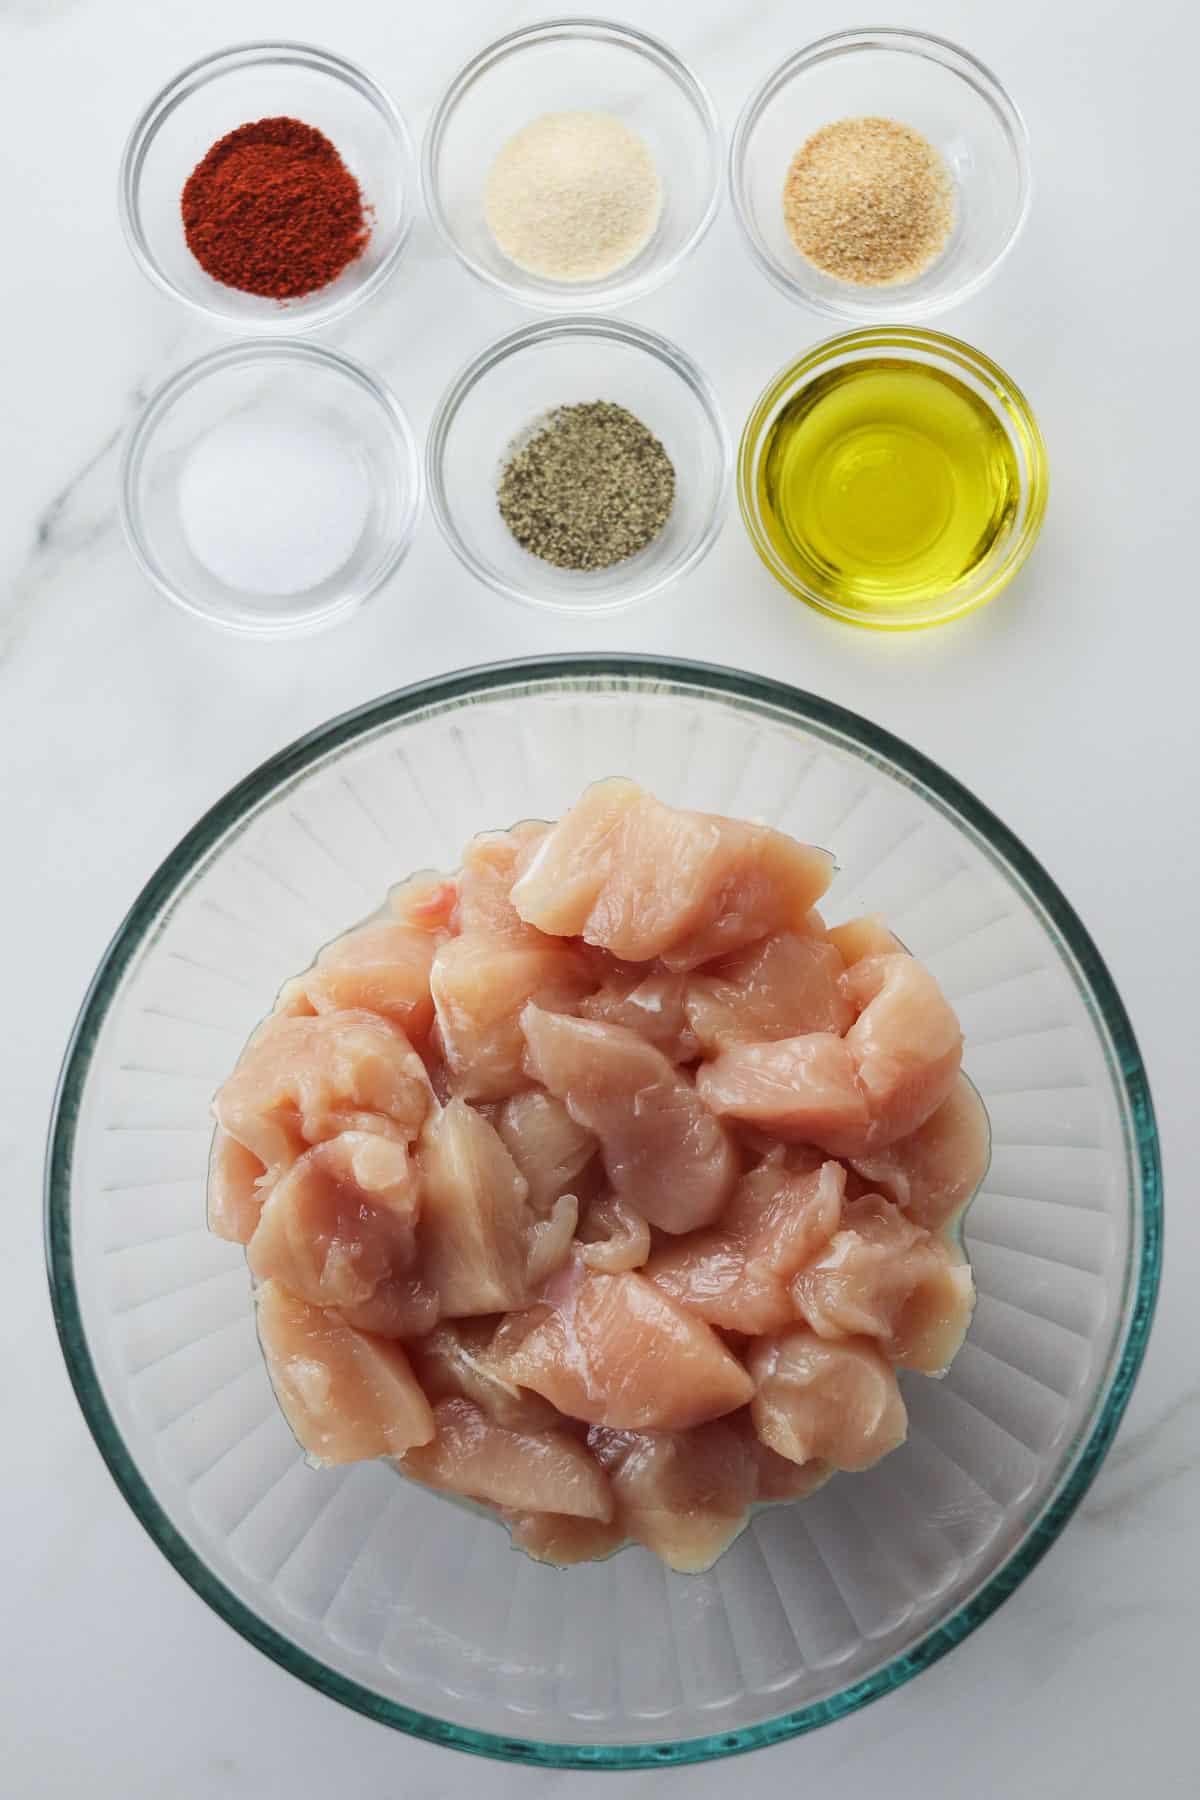 ingredients for rotisserie chicken bites